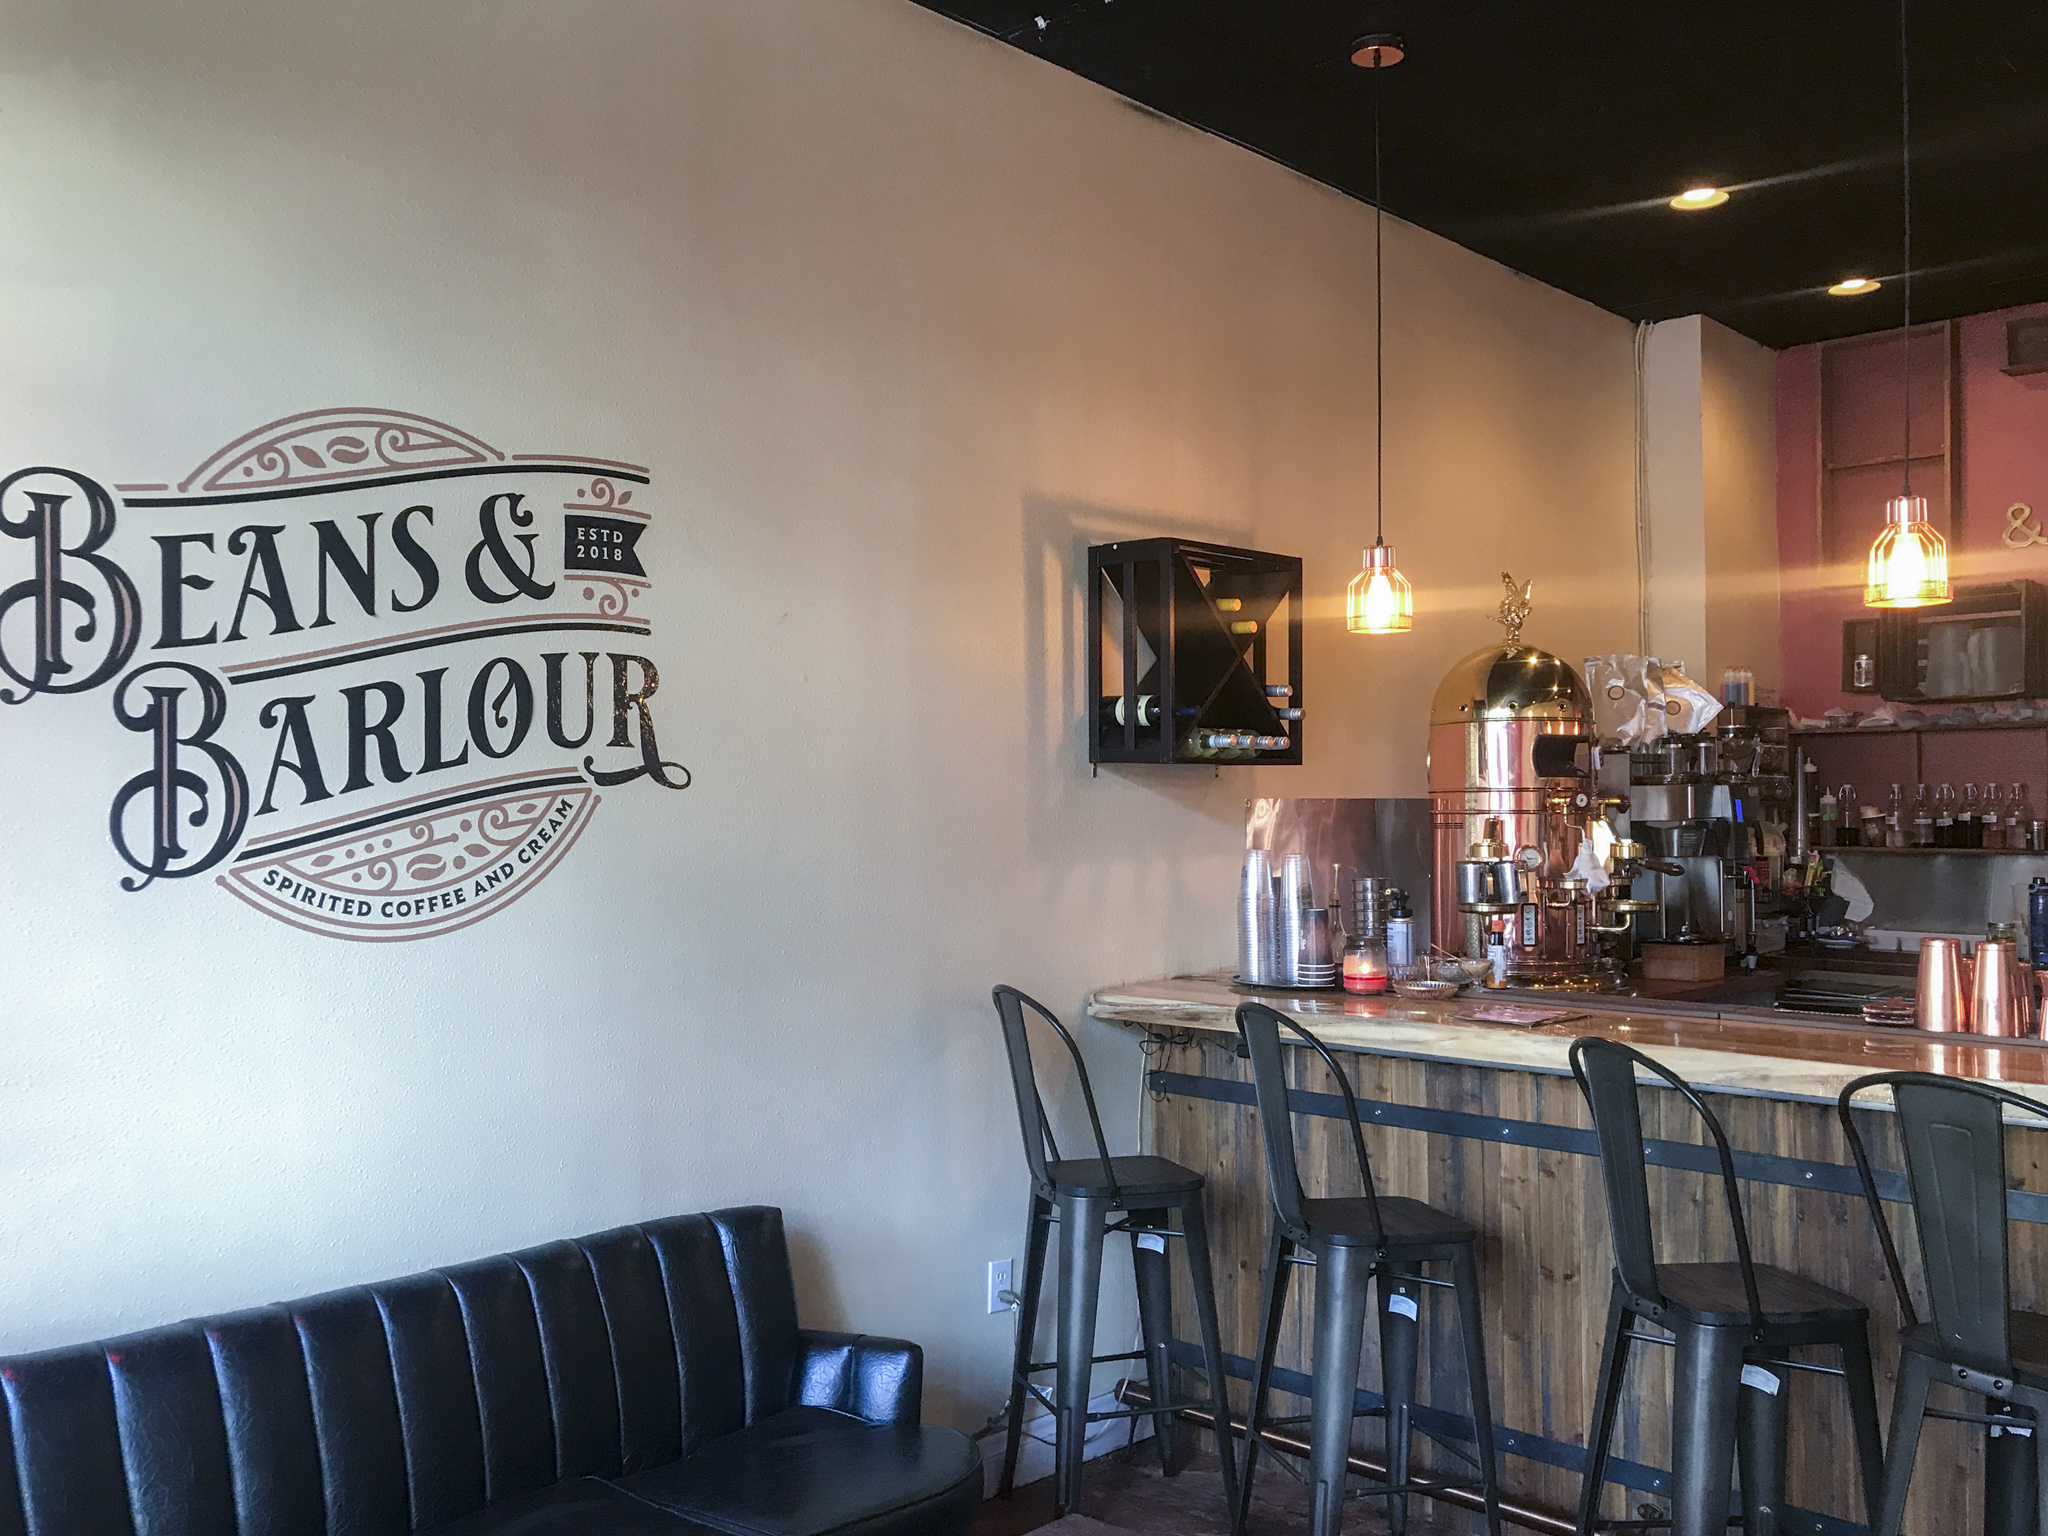 Beans & Barlour Interior